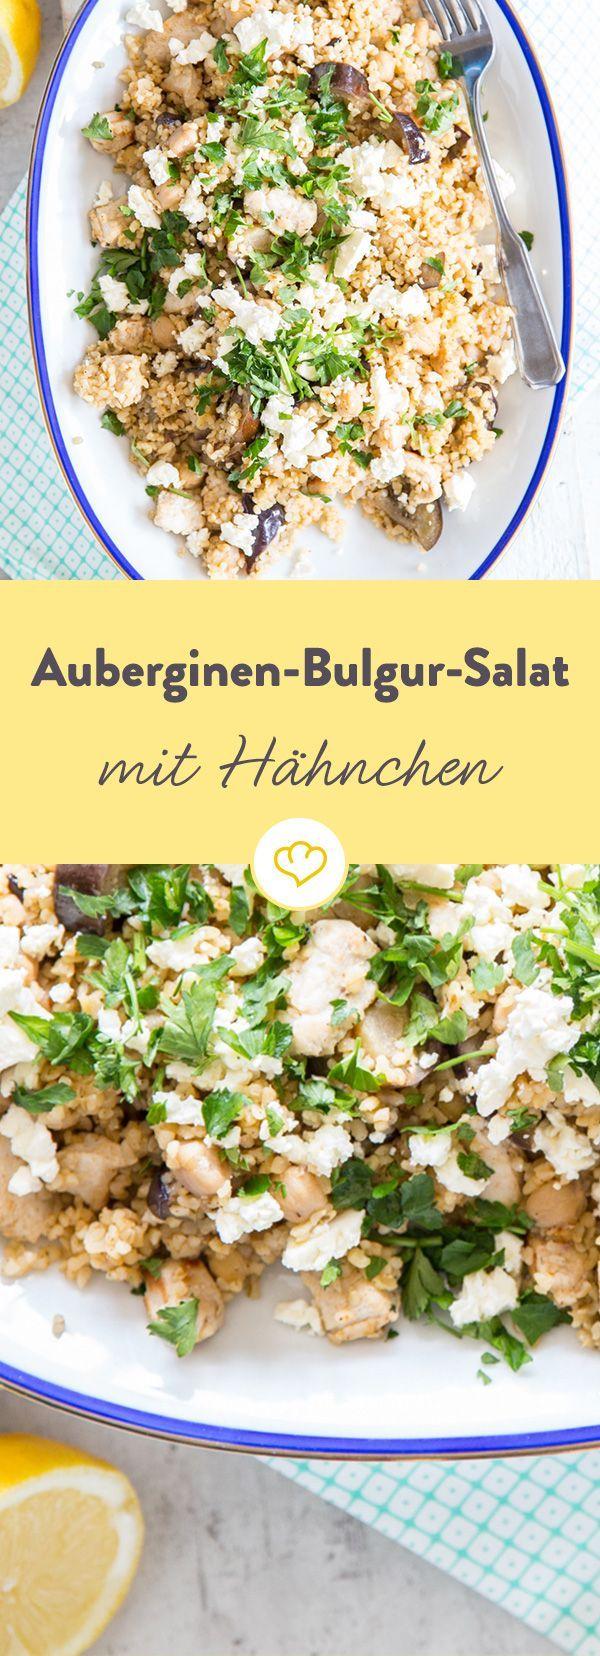 Bulgur, Aubergine, Feta, Kichererbsen und würziges Hähnchen werden mit Kreuzkümmel und rauch Paprika gewürzt, zum orientalischen Salat-Genuss.